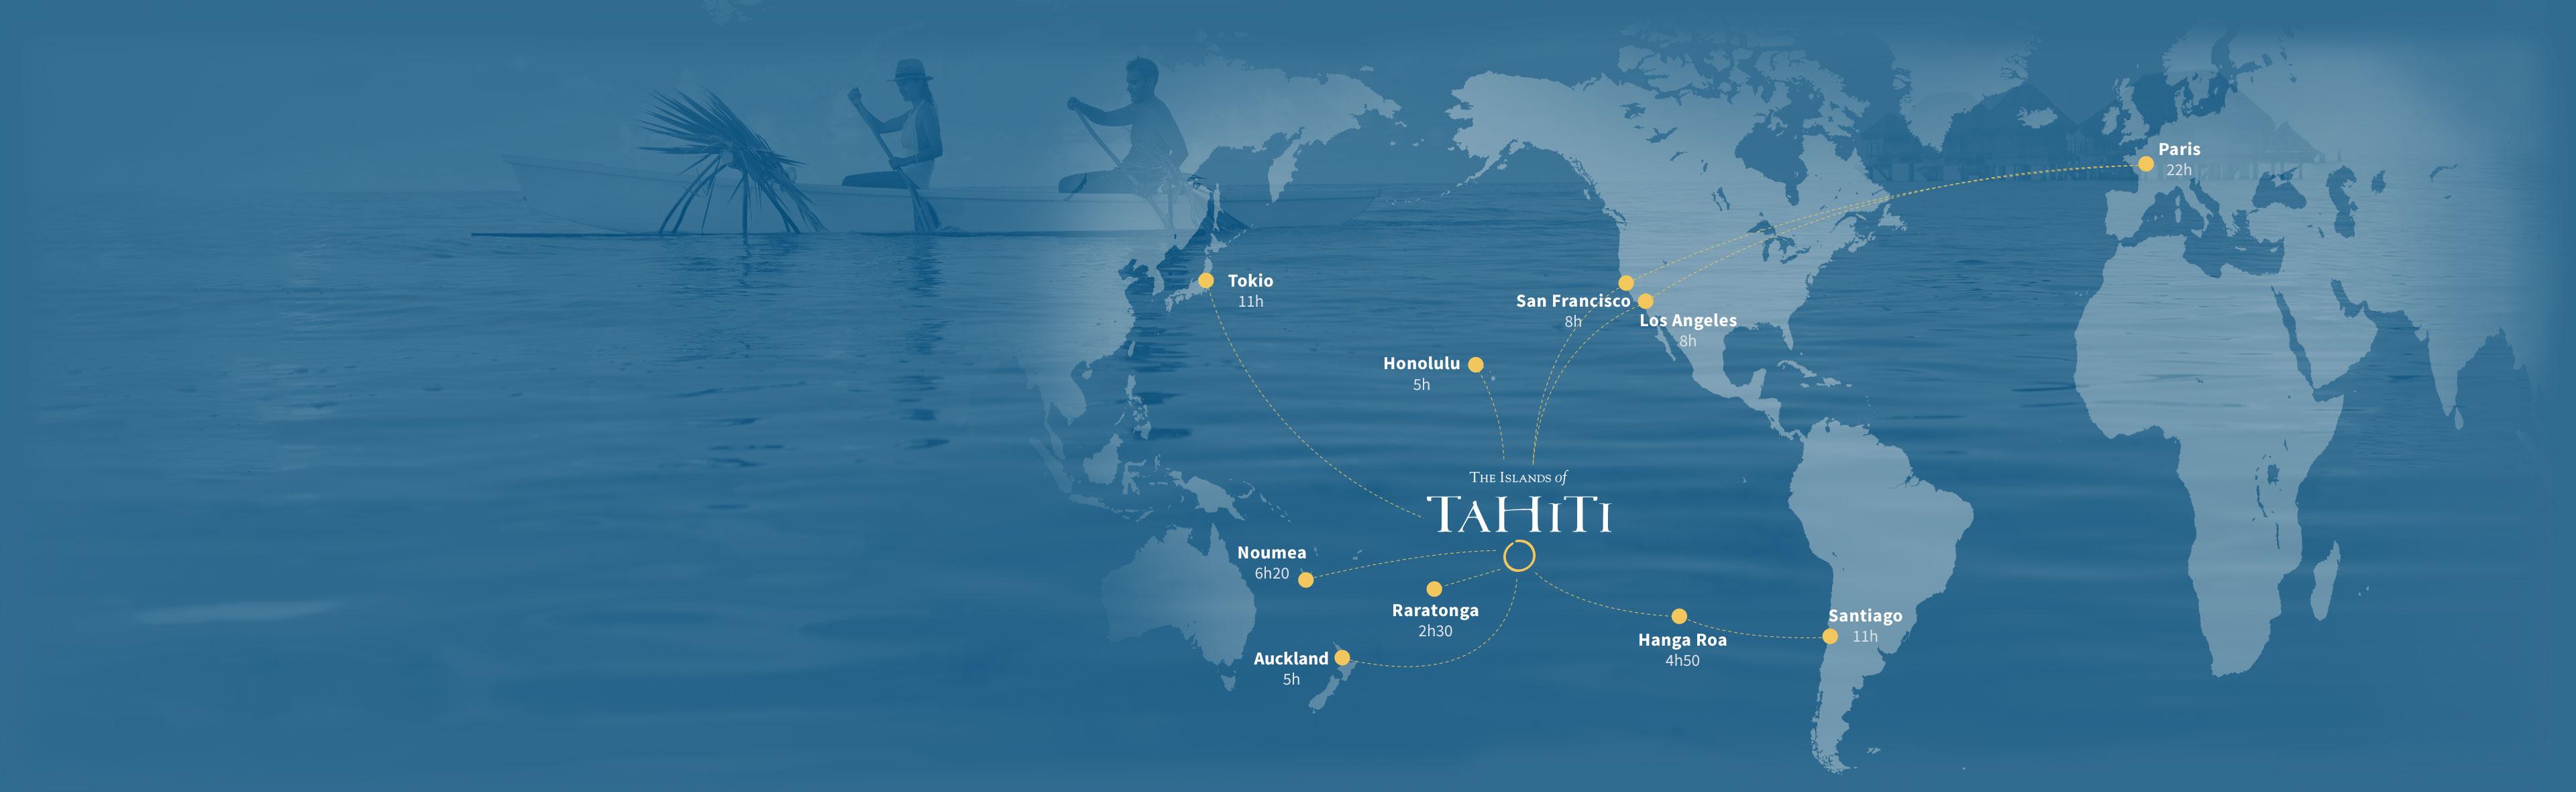 Willkommen auf den Inseln von Tahiti | Tahiti Tourisme